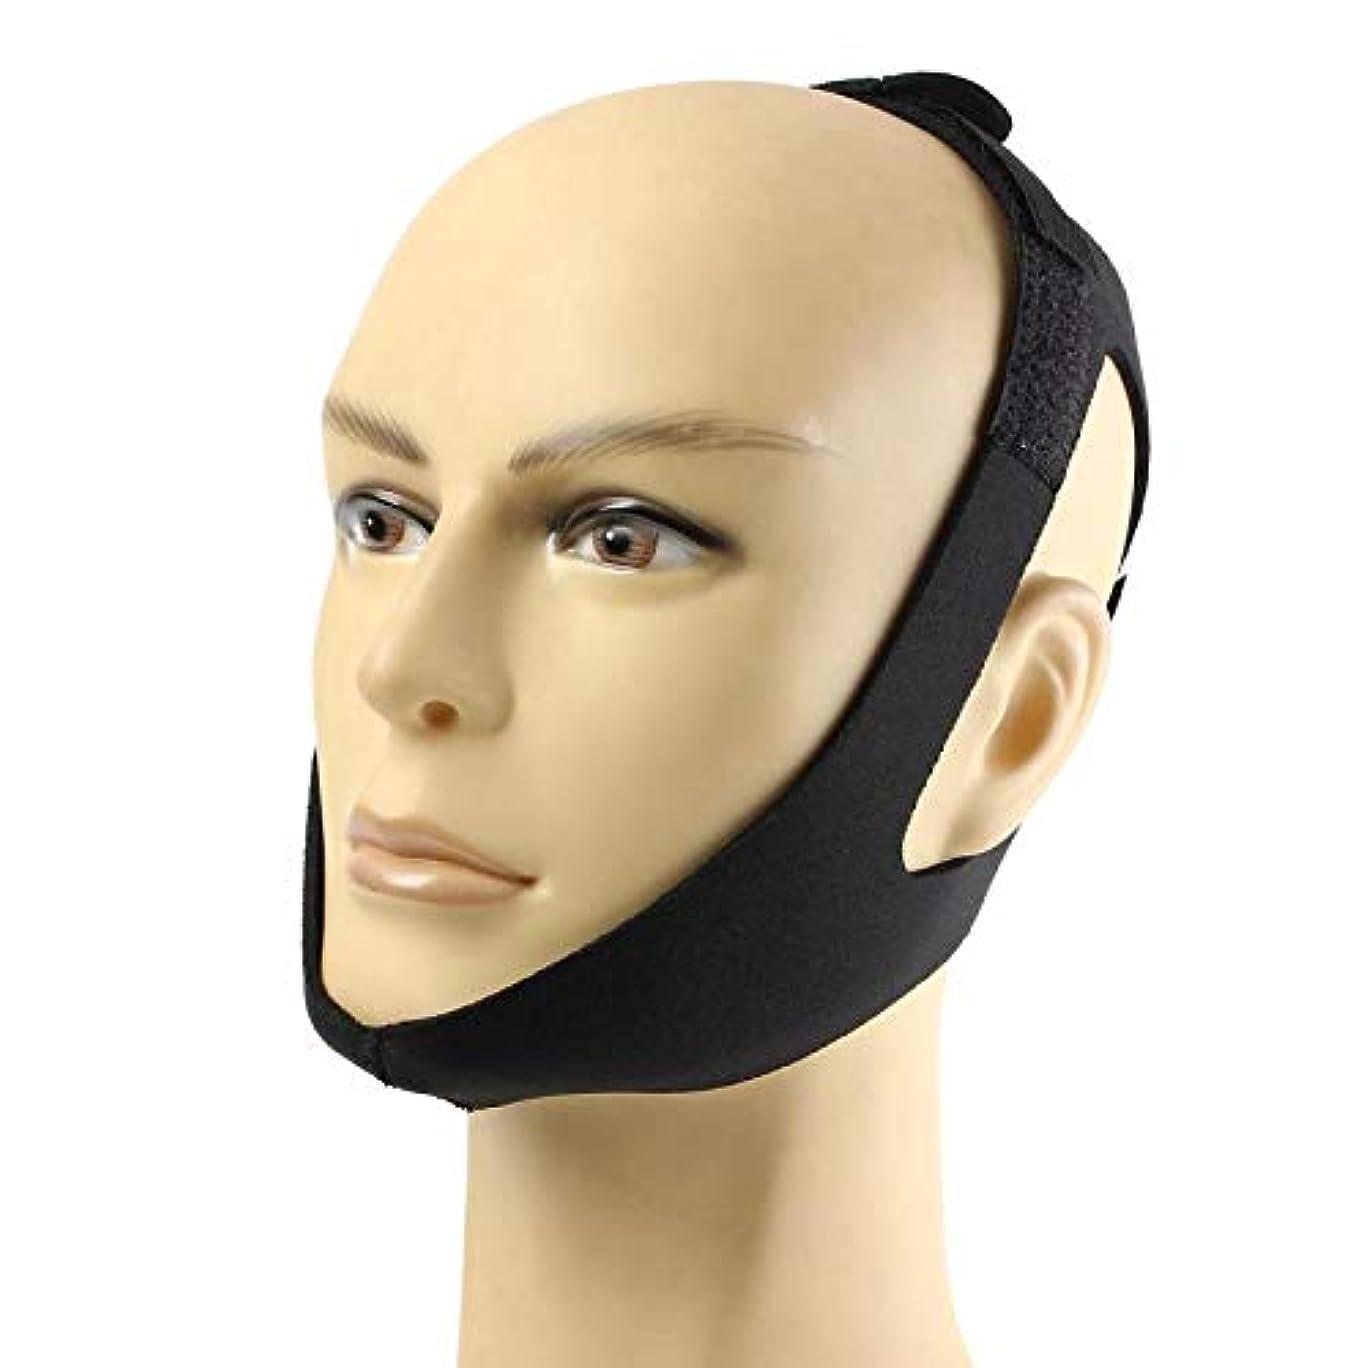 部分スタウト訴えるNOTE 1ピースアンチいびきベルト停止いびきあごストラップ抗無呼吸ソリューション顎サポート睡眠マスクヘッドバンド用女性男性ヘルスケア黒